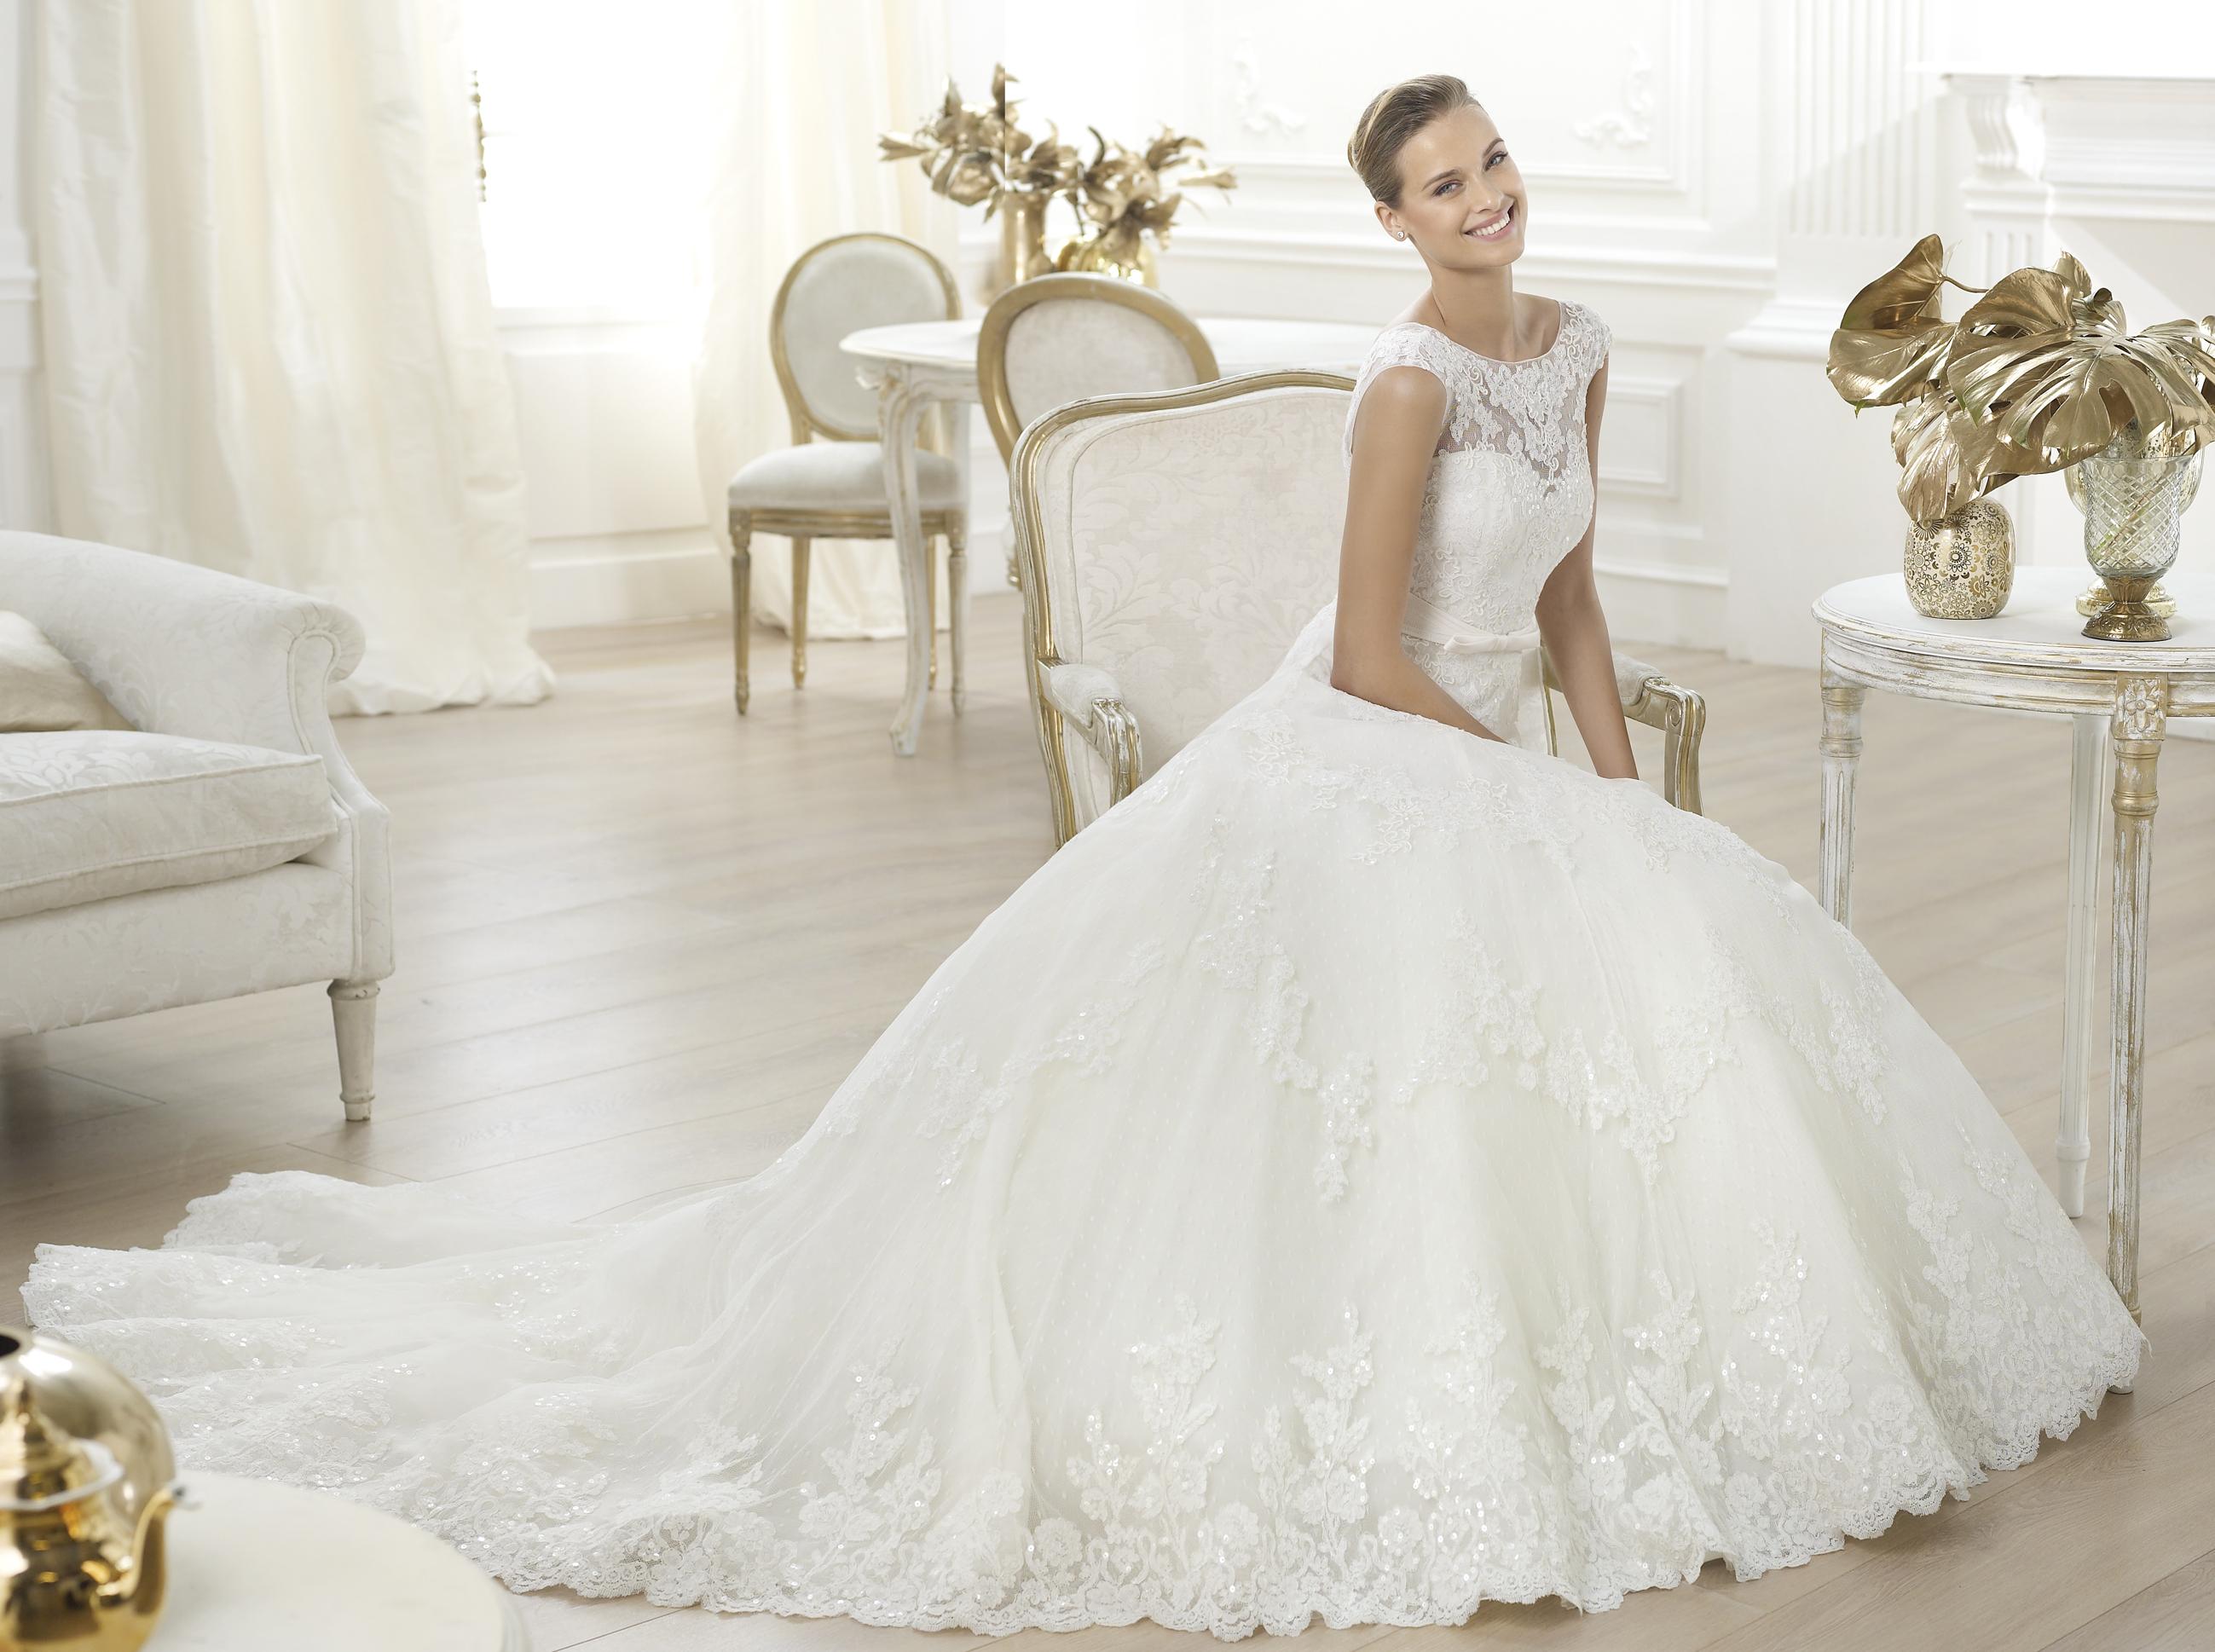 Cвадебный портал Черновцов представляет Все свадебные платья в категории Свадебные платья Черновцы. Неотъемлемым элементом свадьбы является